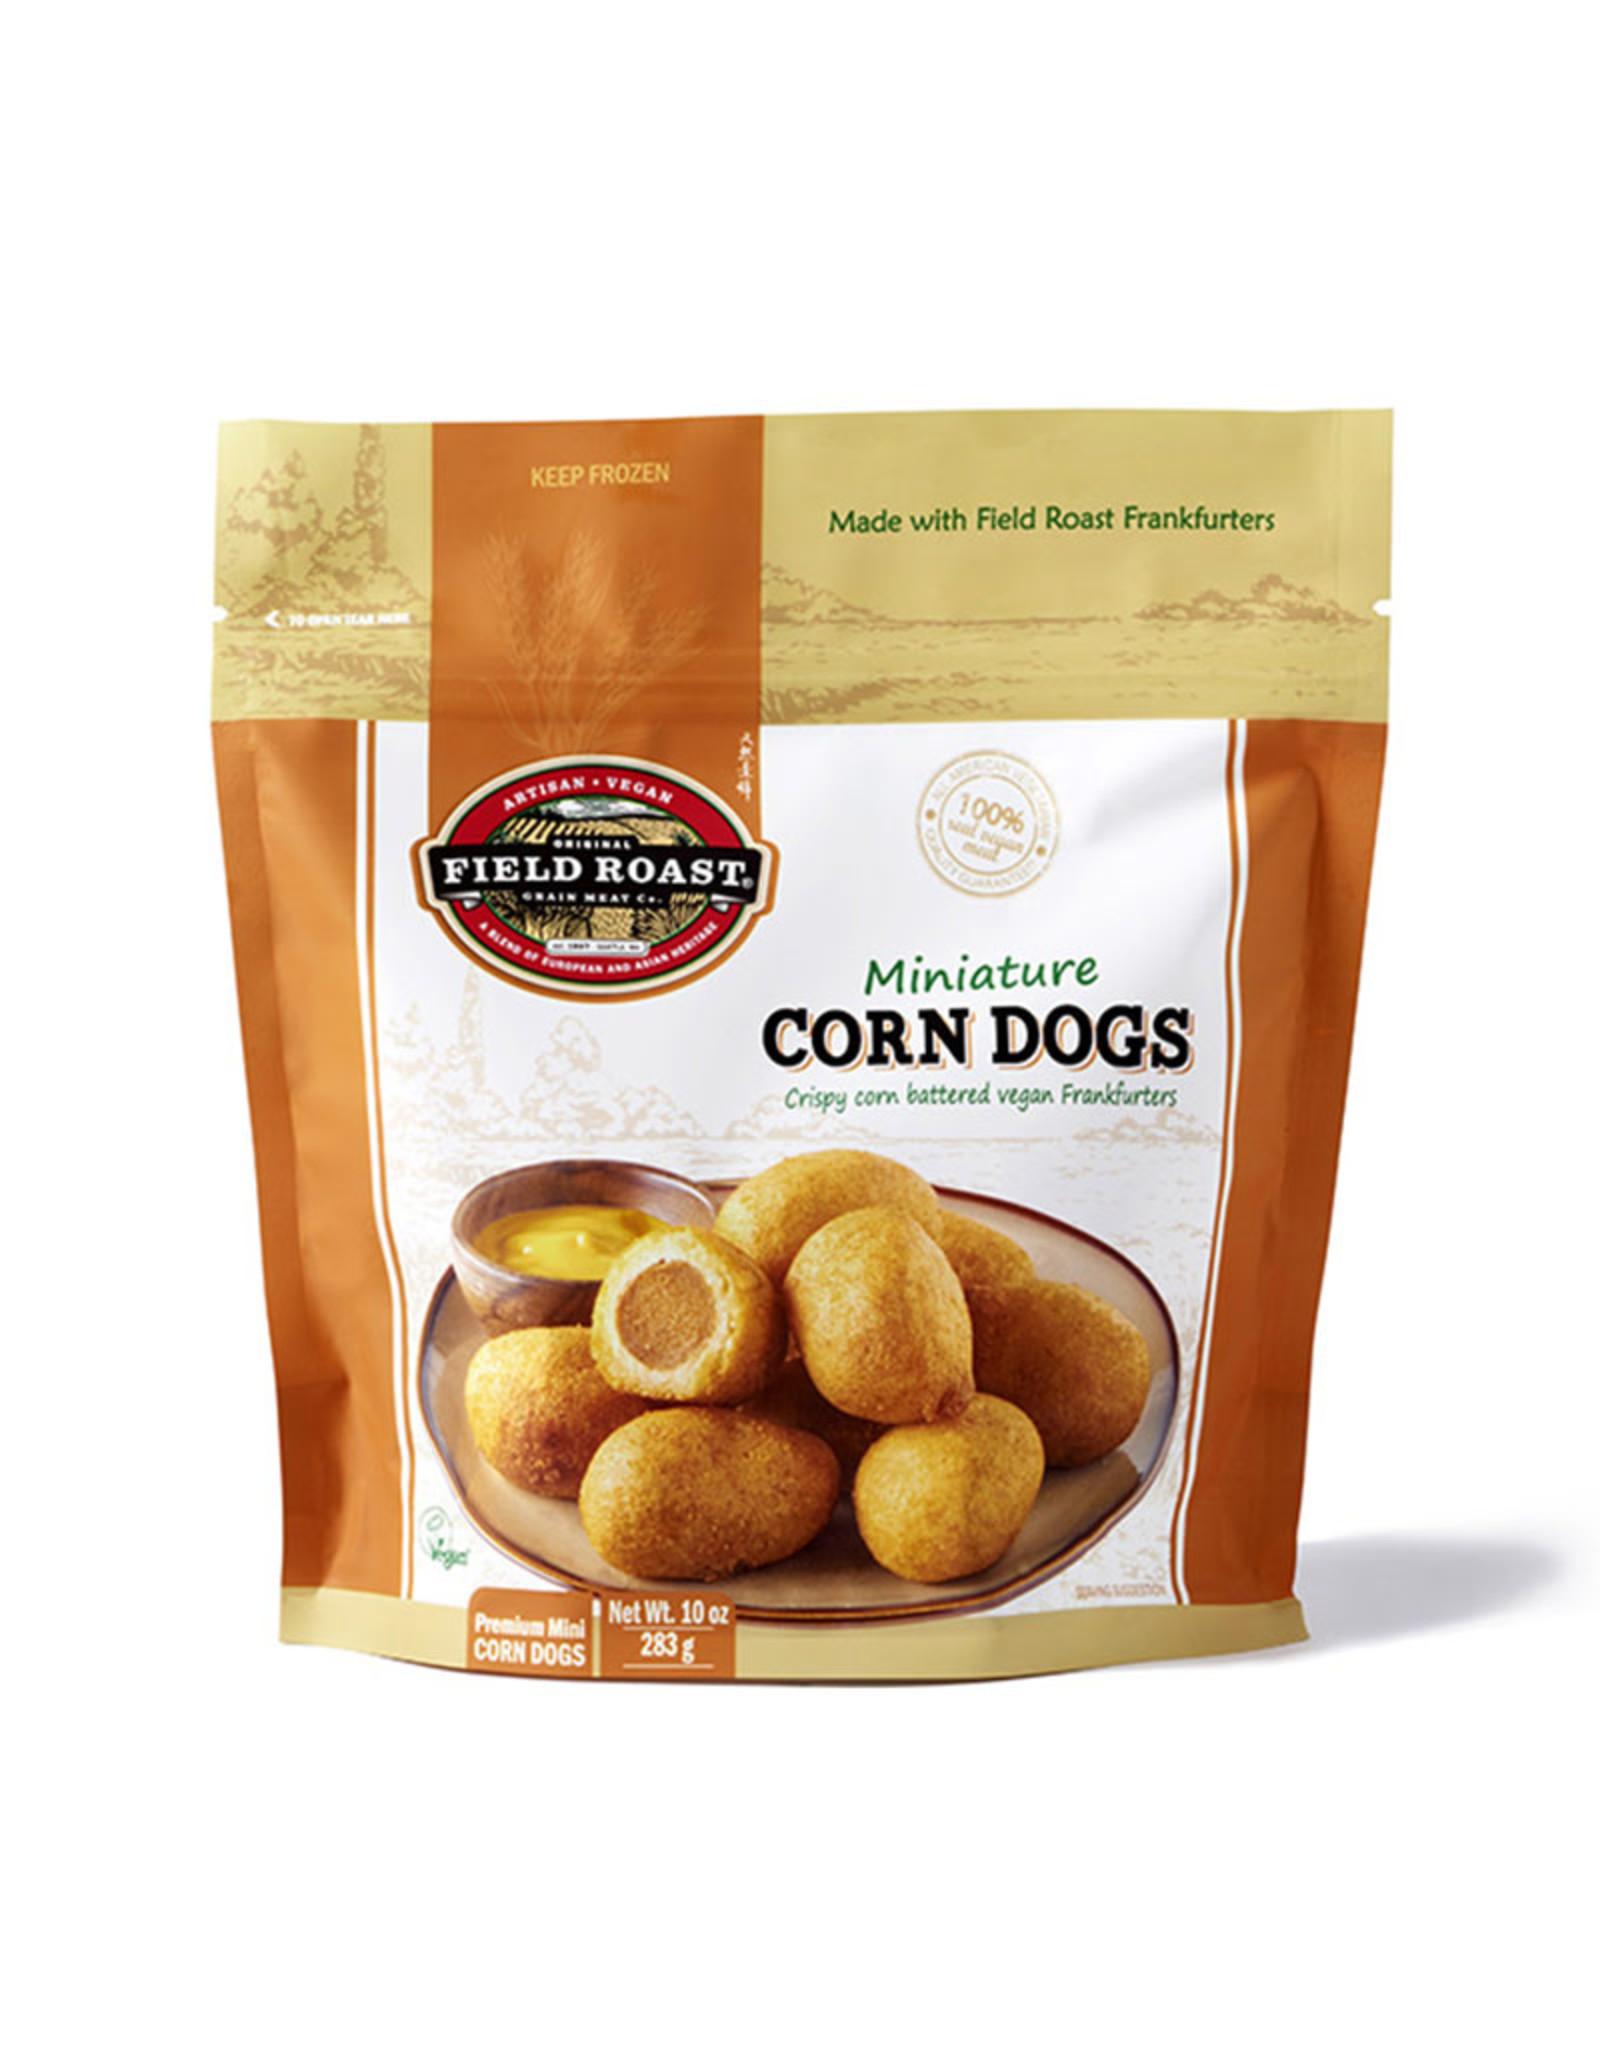 Field Roast Field Roast - Miniature Corn Dogs